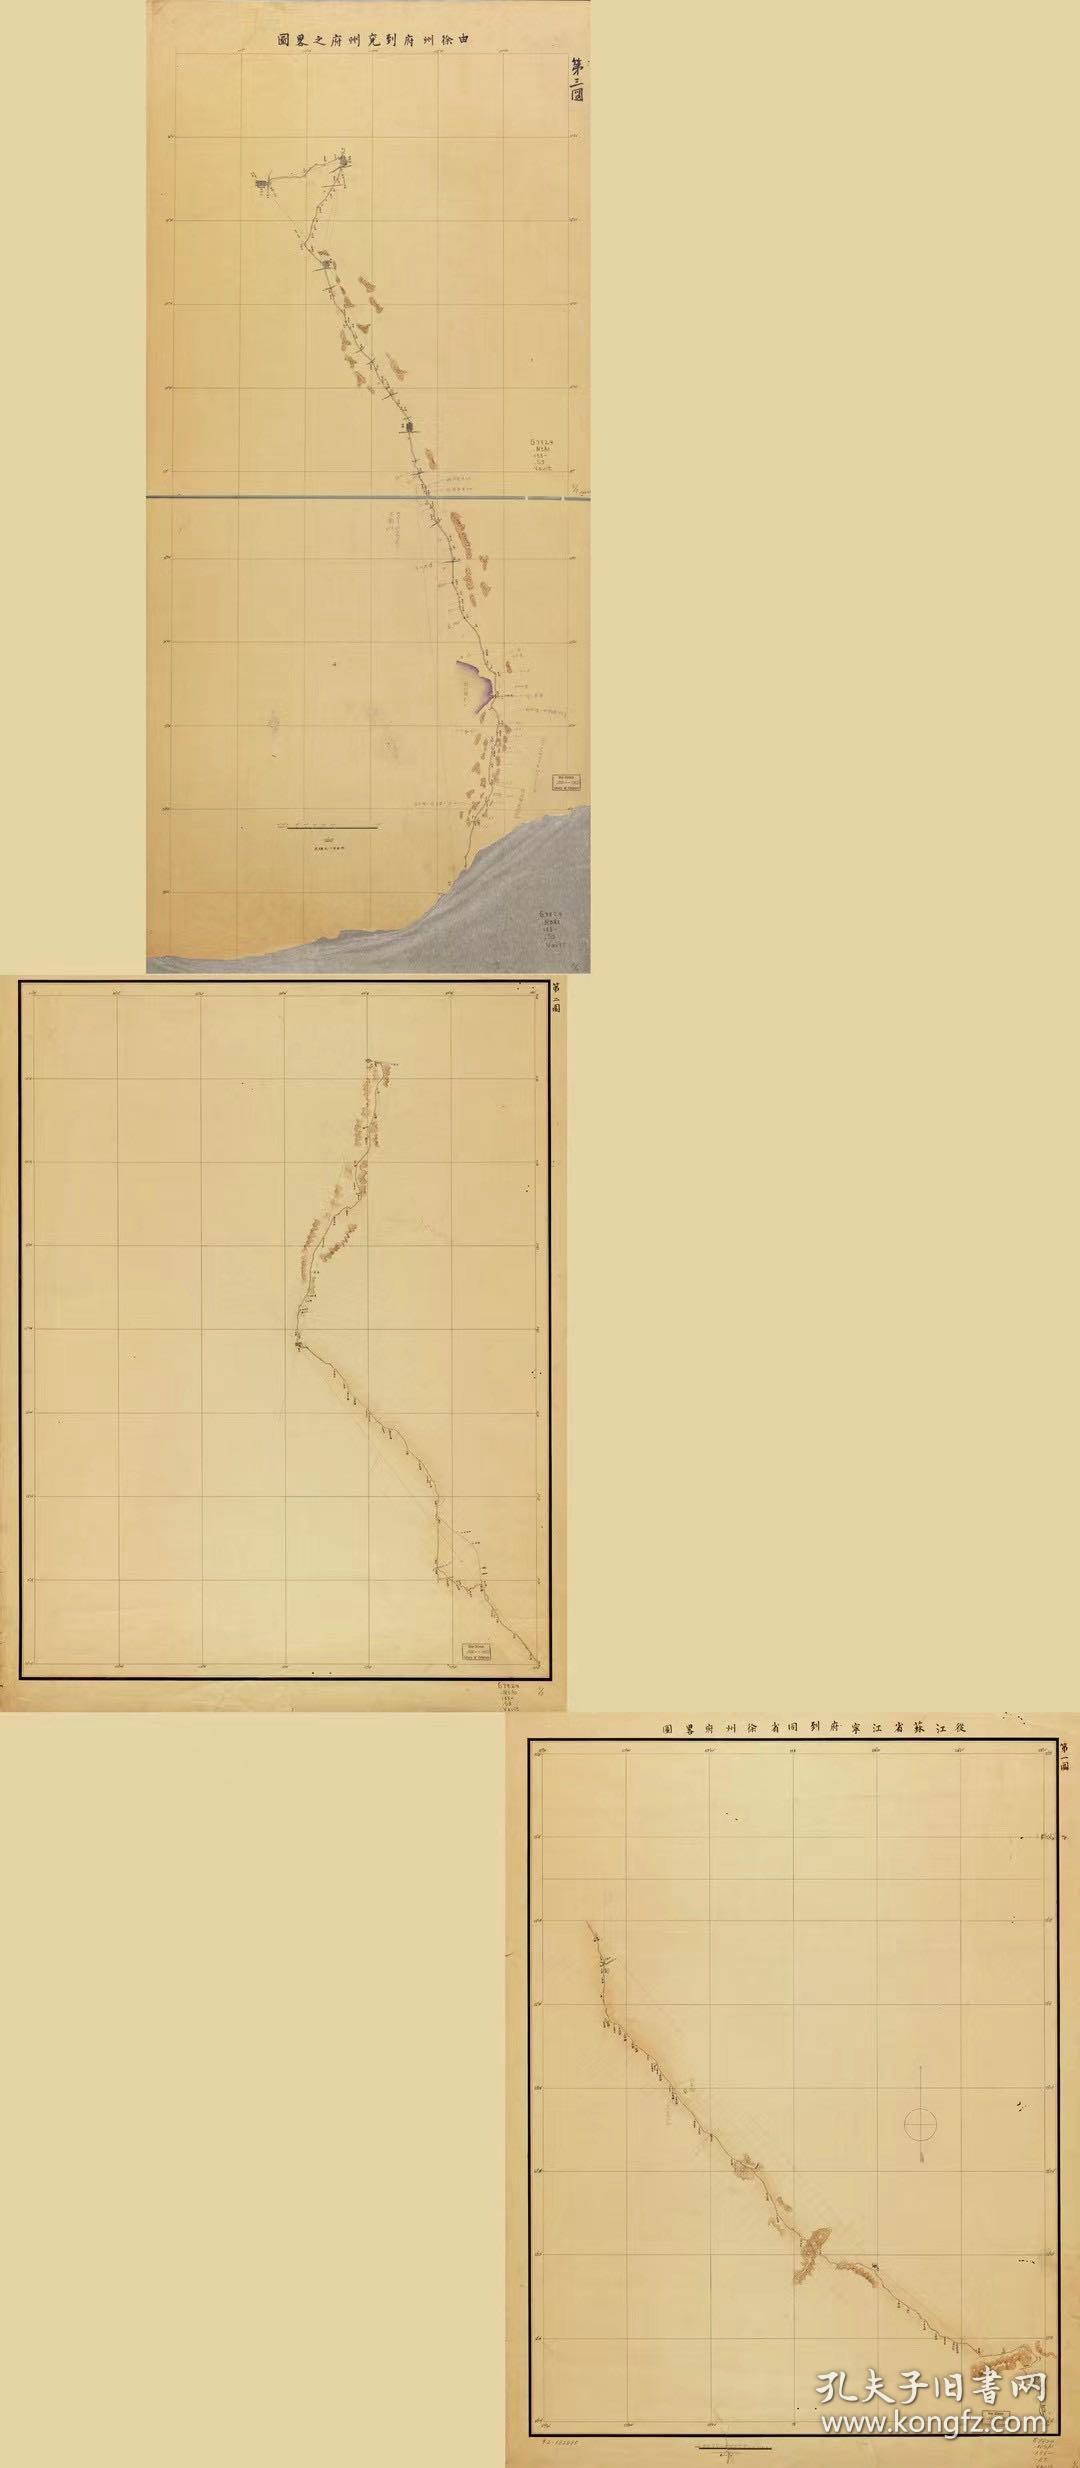 古地图1880 由徐州府到兖州府之略图。。纸本大小120.69*276厘米。宣纸艺术微喷复制。900元包邮